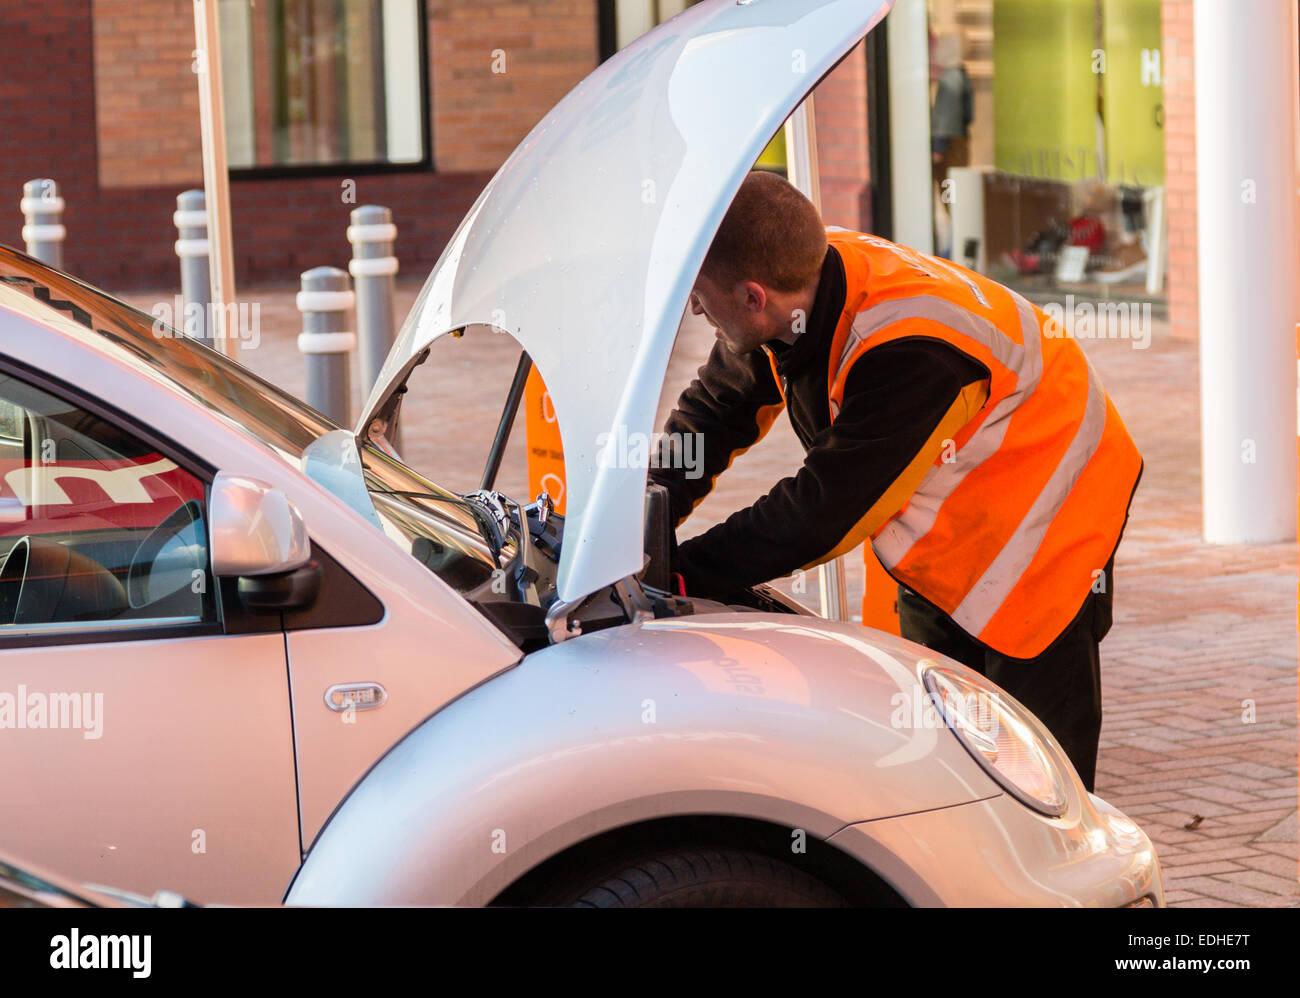 Männliche Mechaniker Aufarbeitung auf ein Auto mit der Motorhaube.  Er trägt eine Orange hi-viz Jacke.  Unbequeme Stockfoto